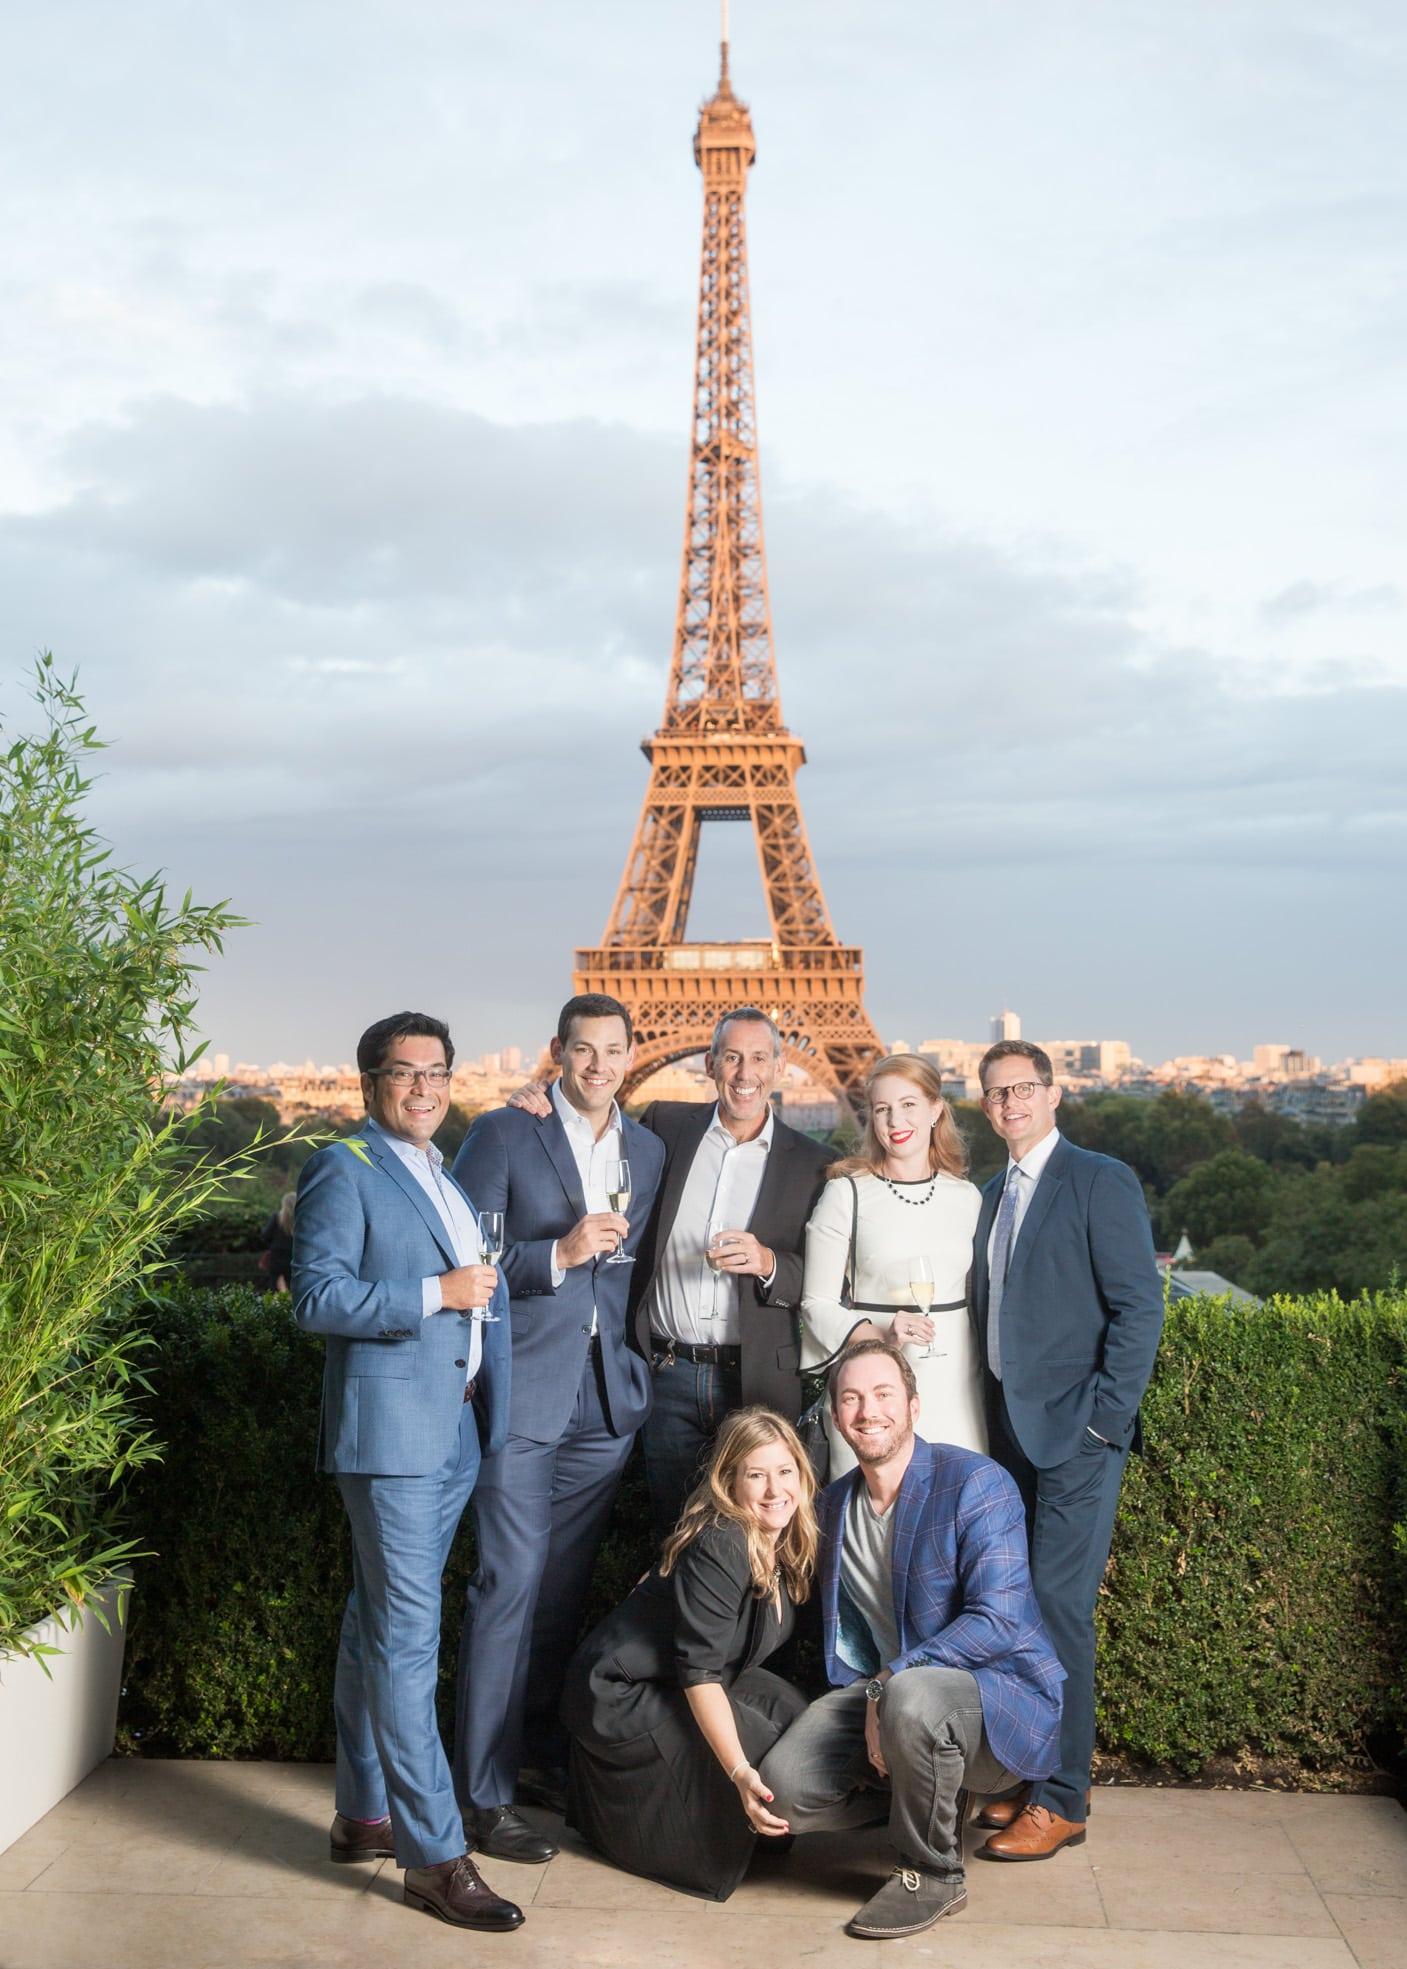 photographe entreprise paris, photographe événementiel paris, photographe pour entreprise, photographe paris, jean-Baptiste Chauvin, www.studioart-photographe.fr